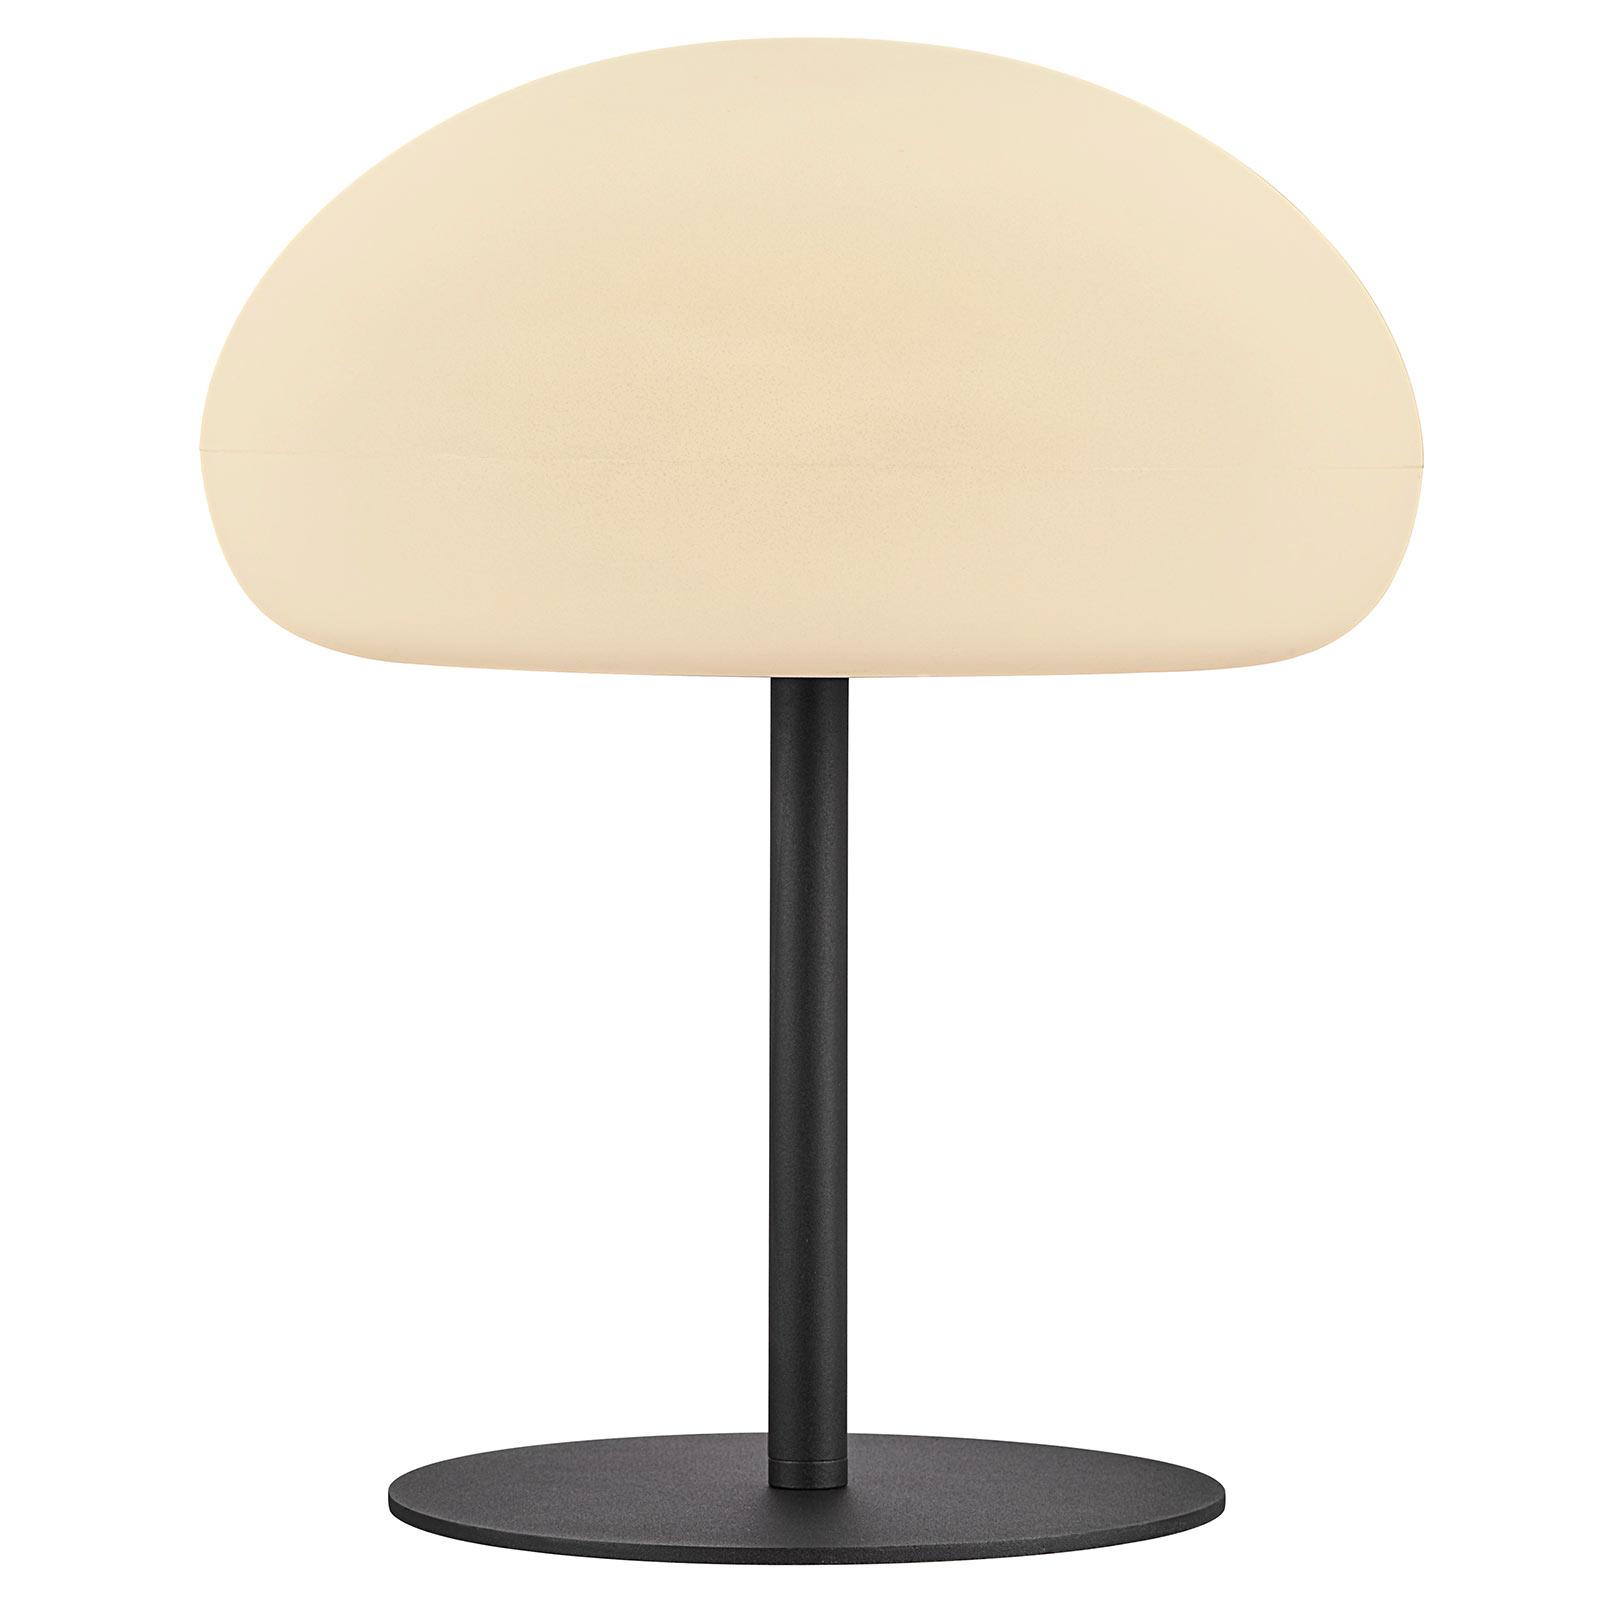 Sponge table -LED-pöytävalo, akku, korkeus 40,5 cm